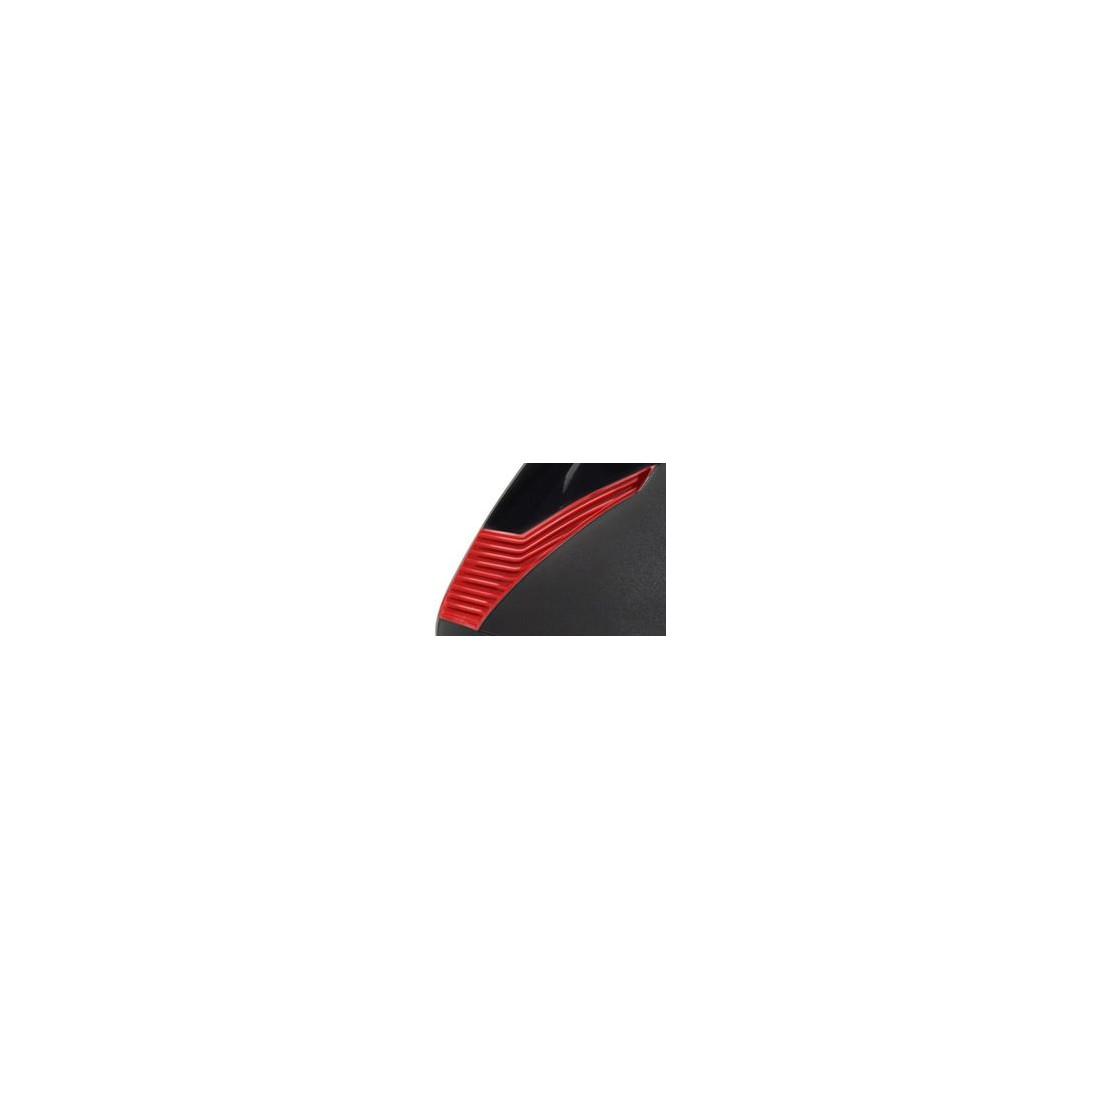 Catadrióptico Rojo Der Izq Shad SH36